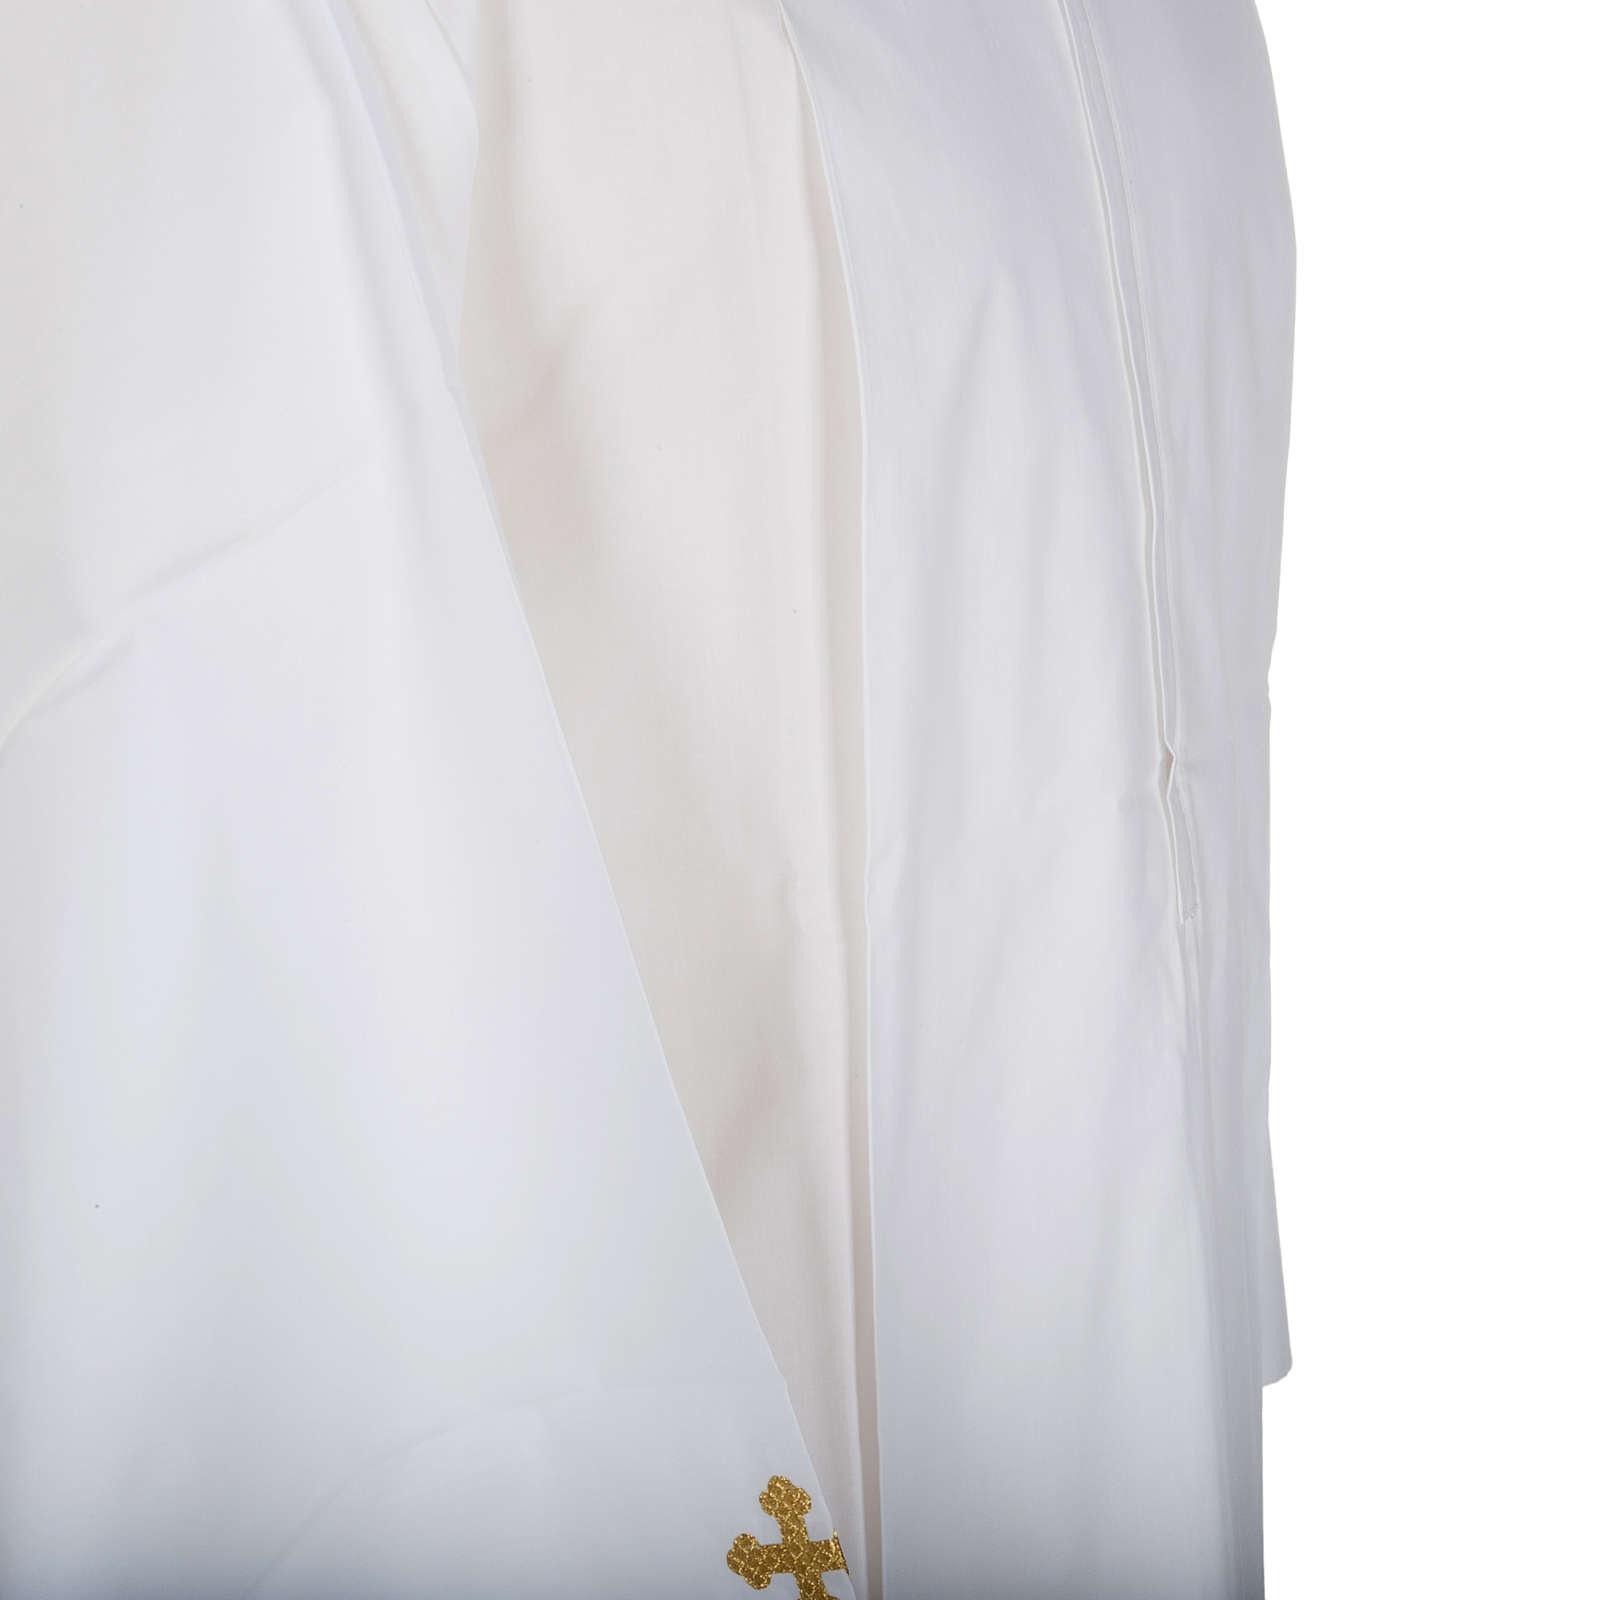 Camice bianco lana croci decorate 4